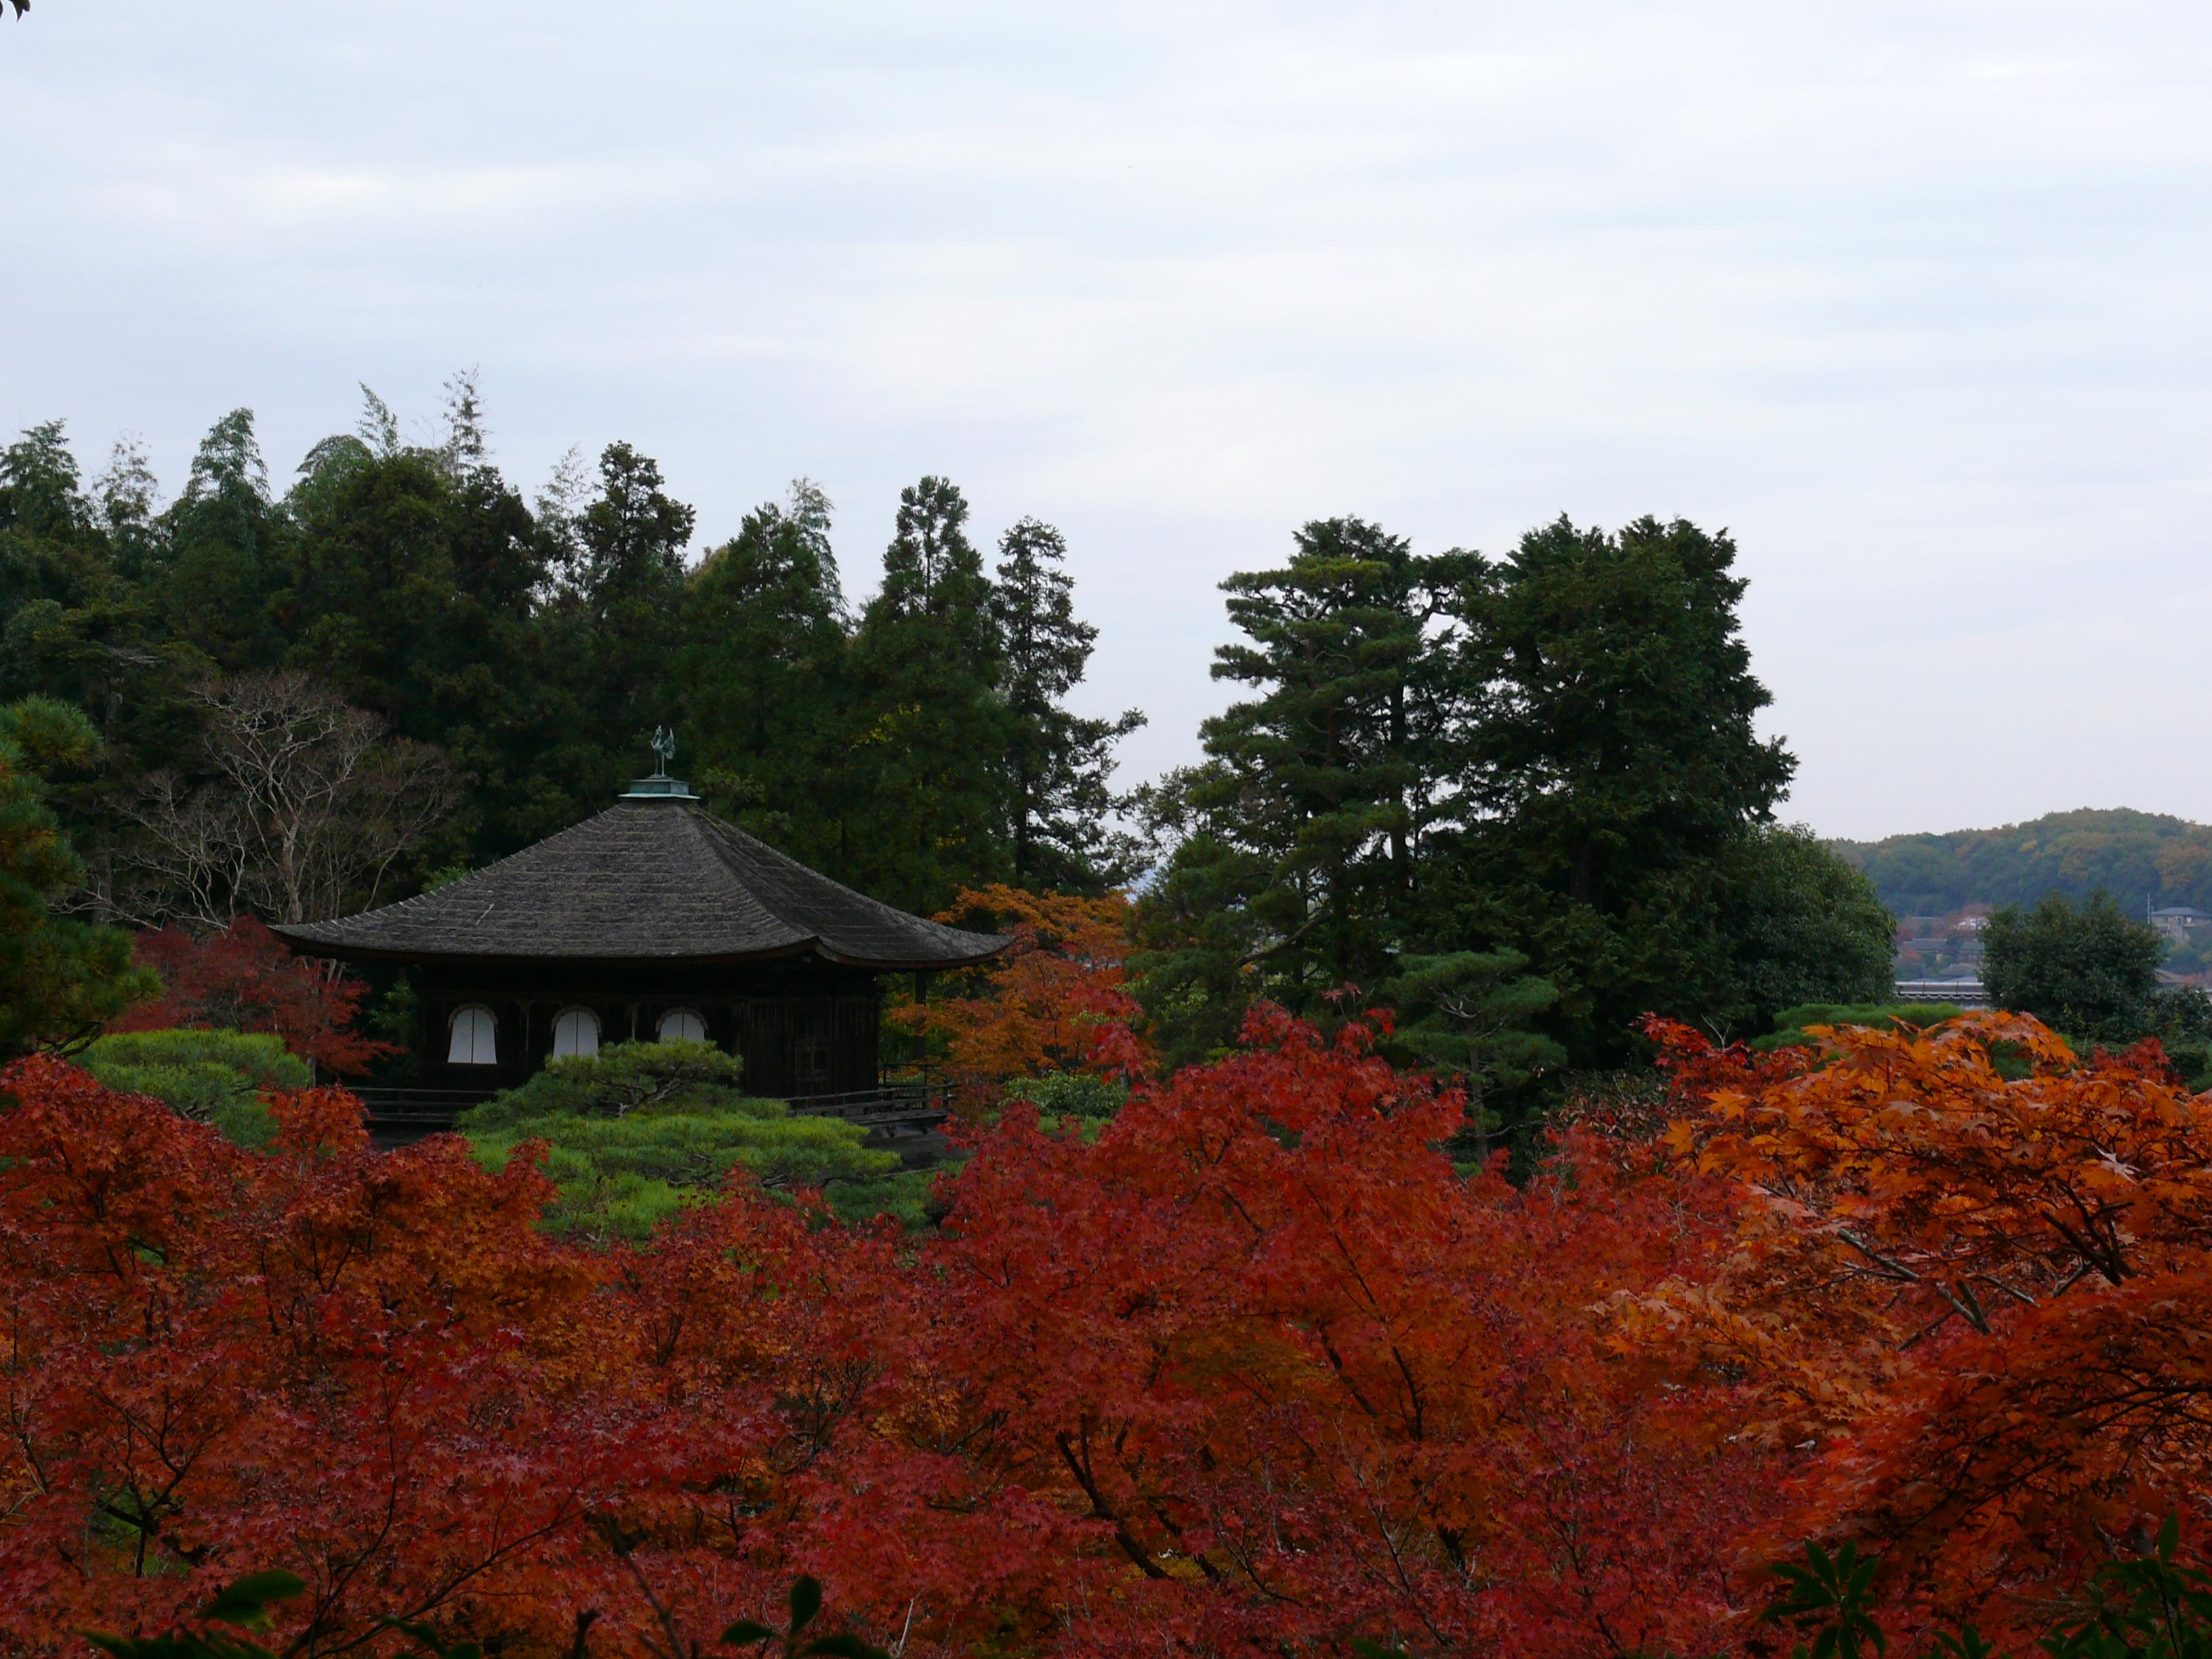 instant japon jardins japonais les contrastes de couleurs. Black Bedroom Furniture Sets. Home Design Ideas